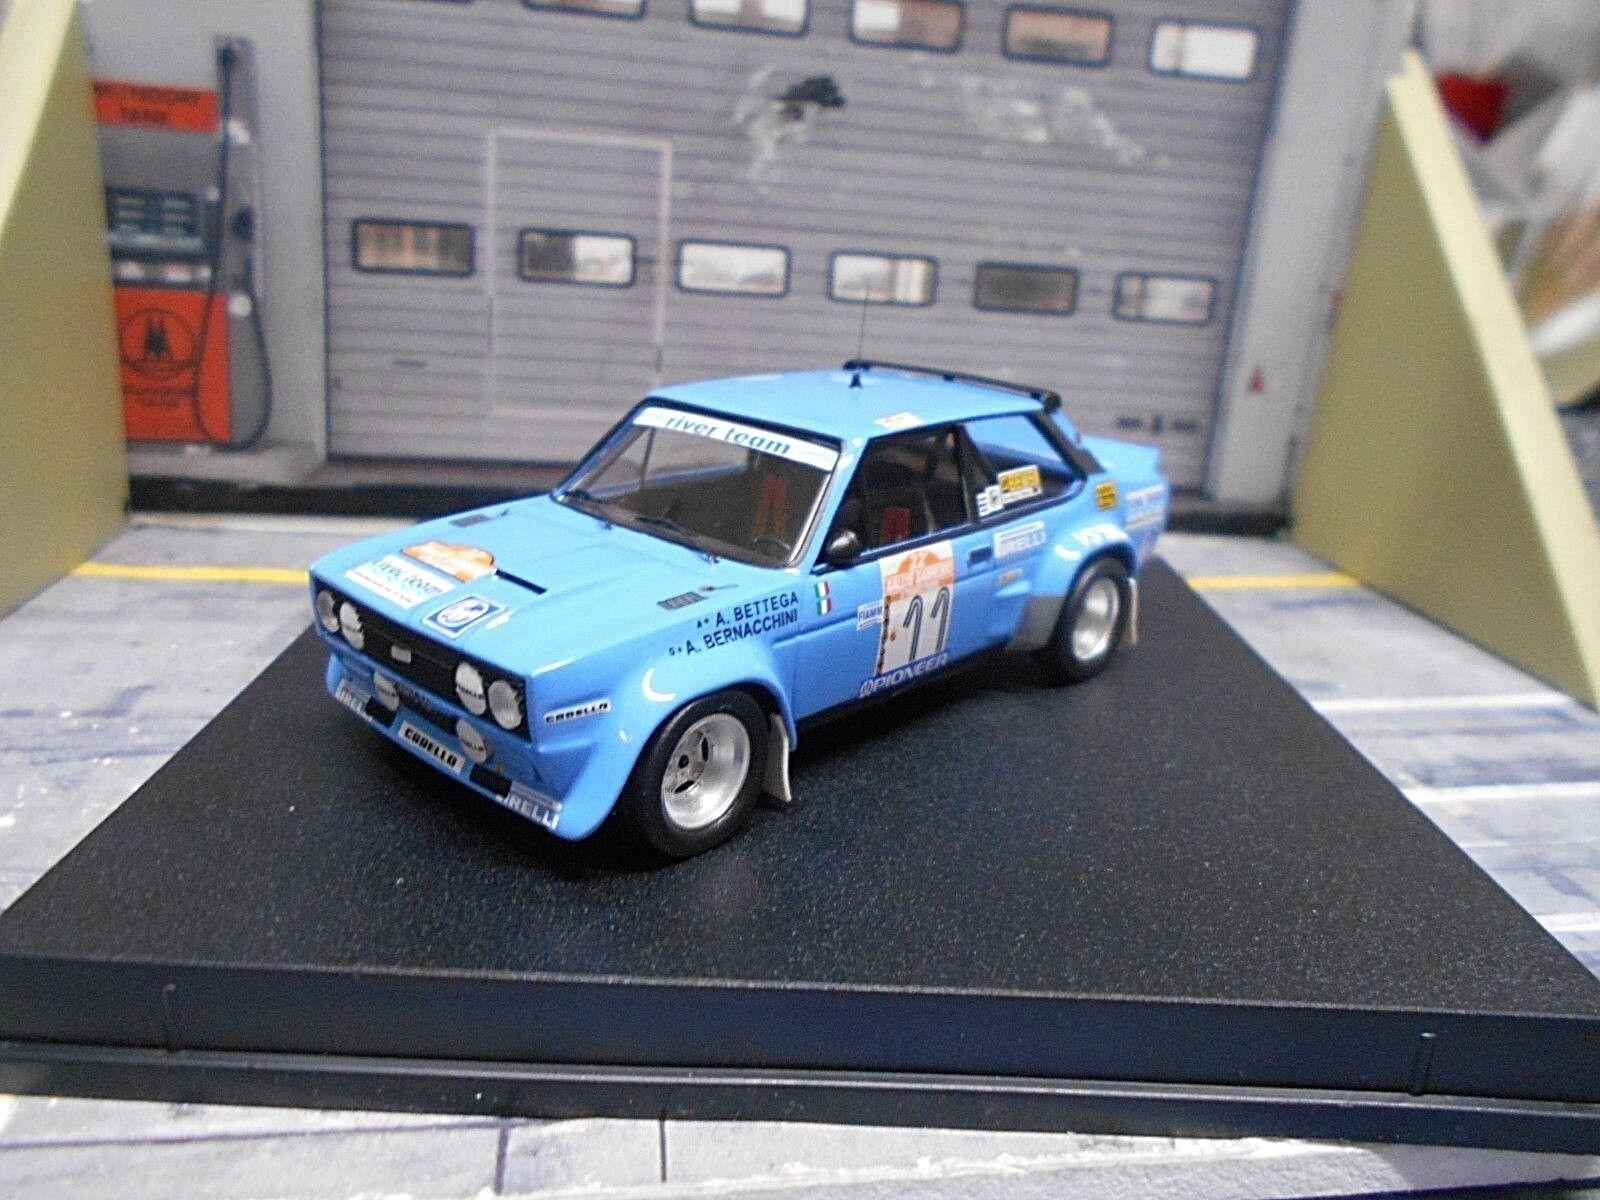 Fiat 131 Abarth Rallye Rallye Rallye San Remo 1980  11 BETTEGA bernach River Team Trofeu 1 43 f470fd